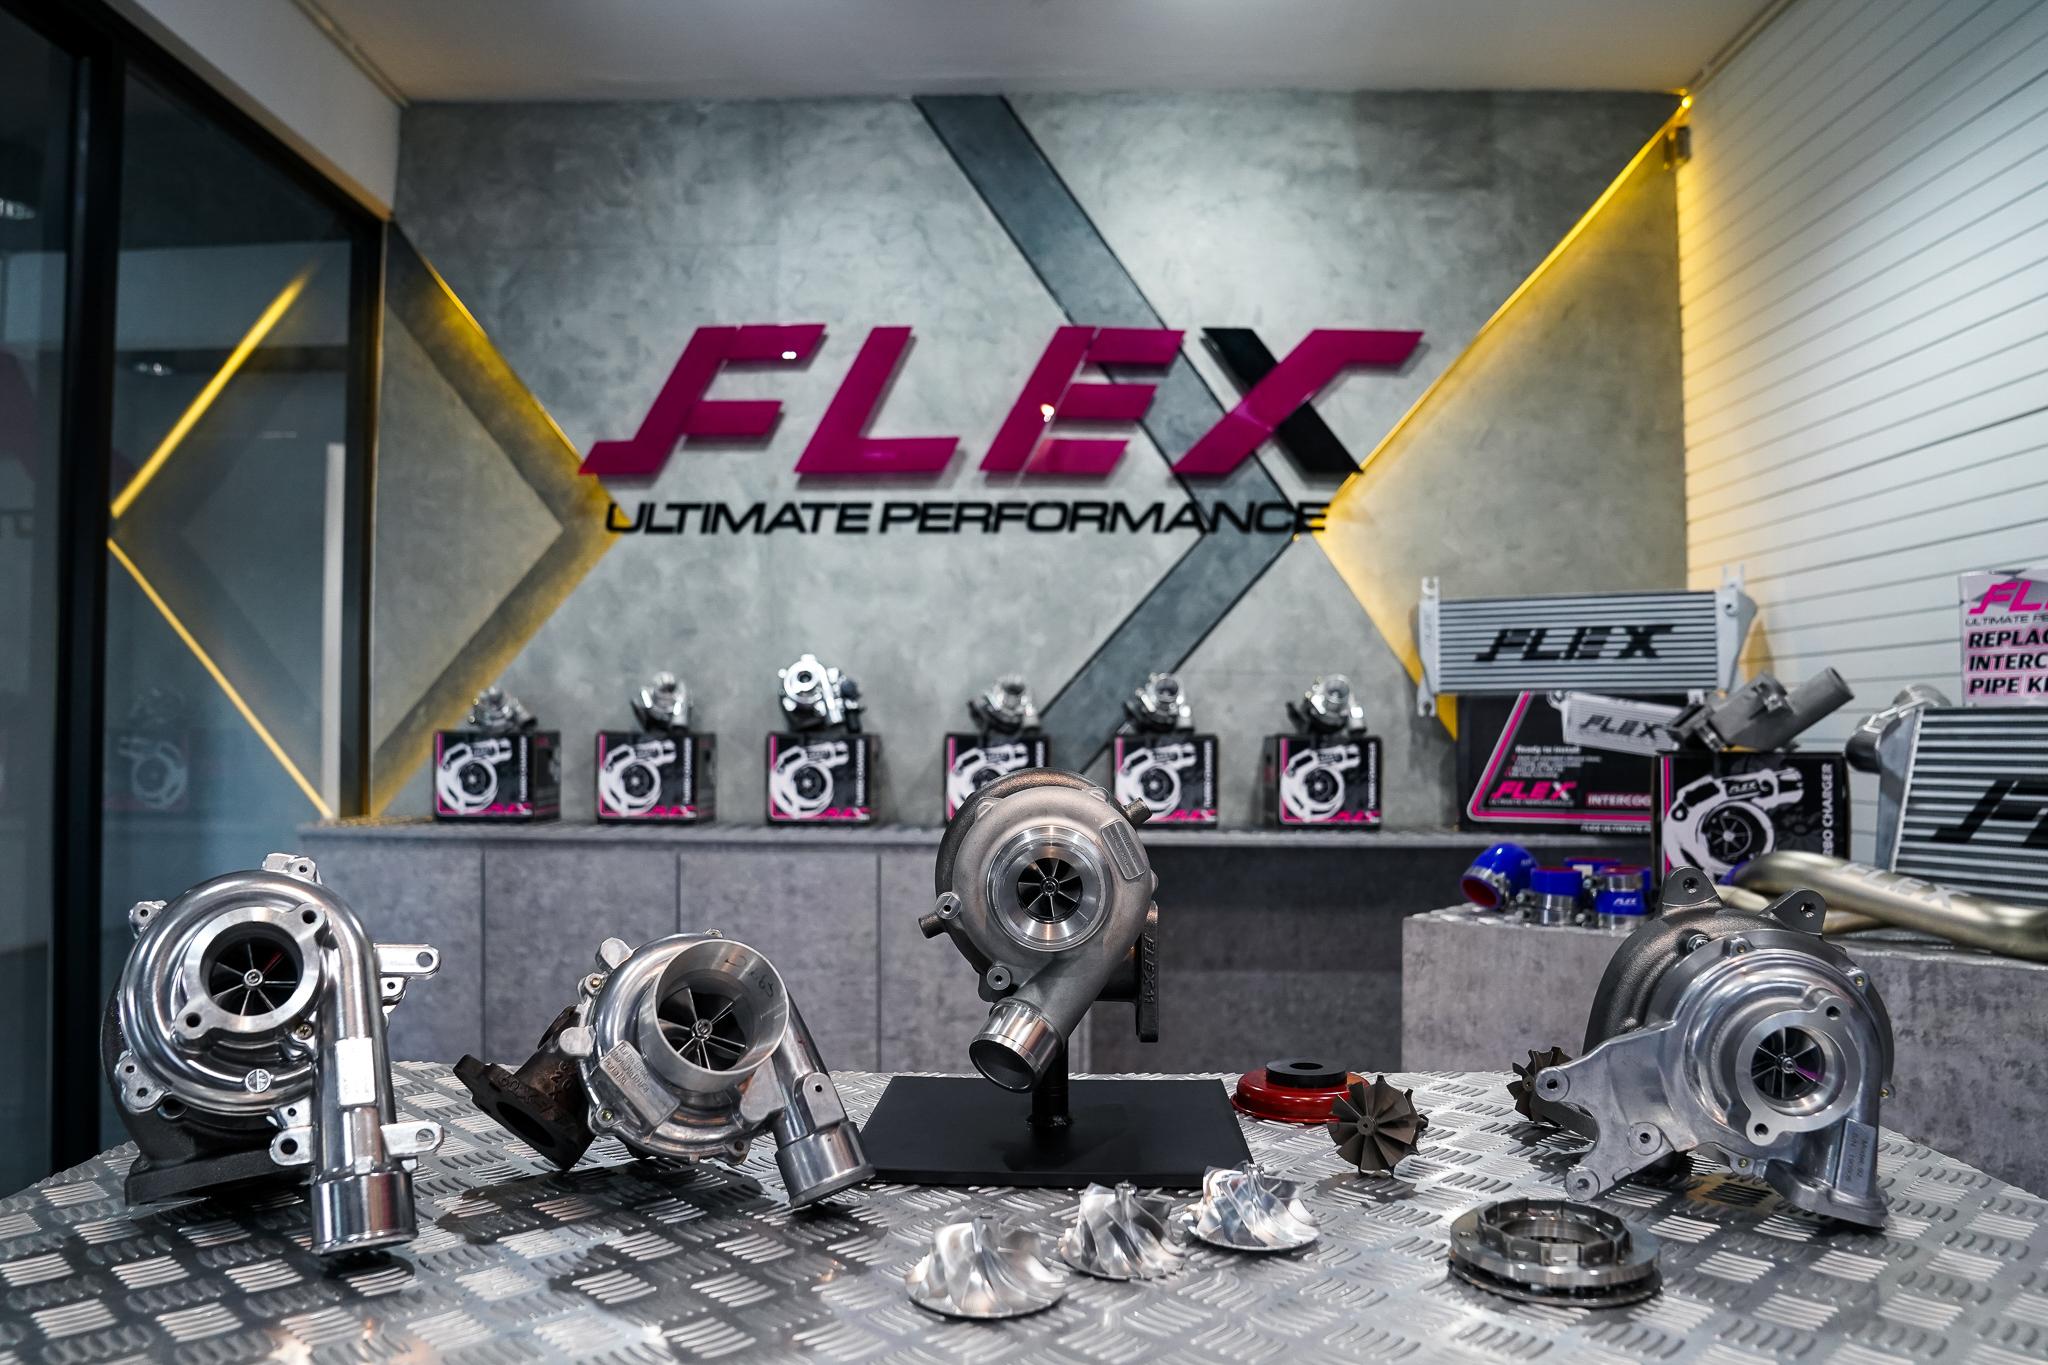 FLEX Turbo 01 Open pic